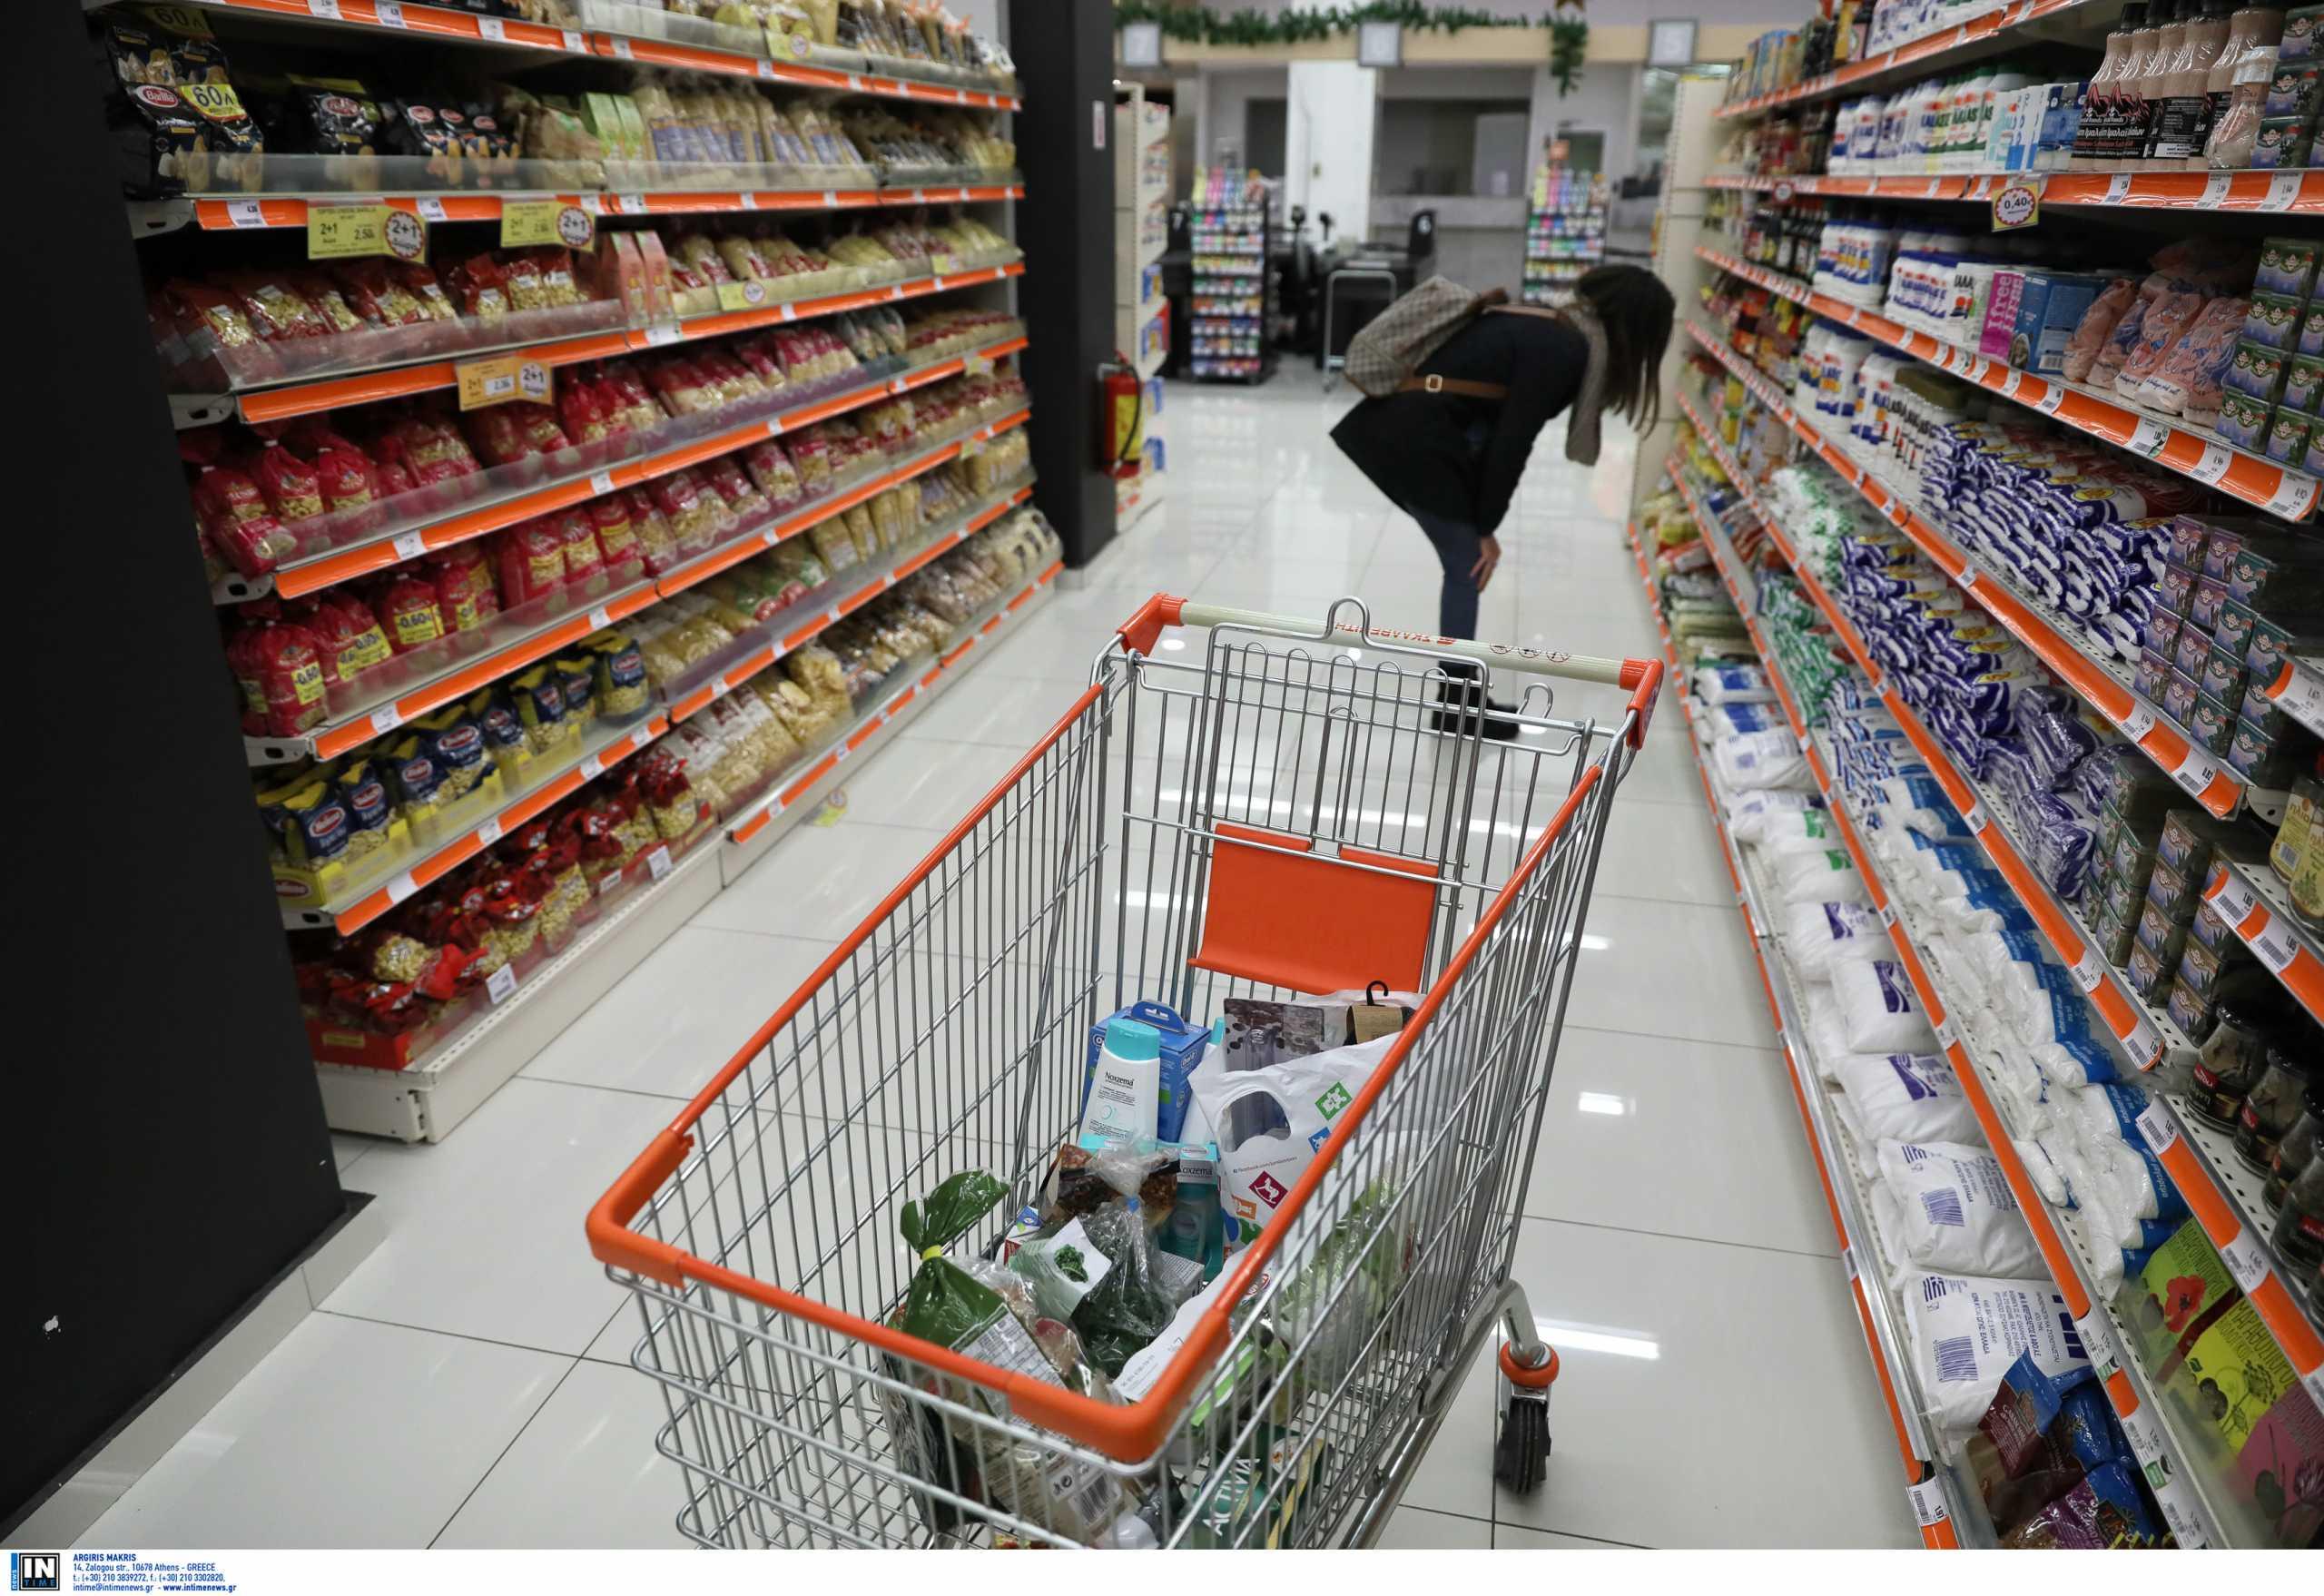 Ωράριο καταστημάτων και σούπερ μάρκετ: Τι ώρα κλείνουν σήμερα Μεγάλο Σάββατο